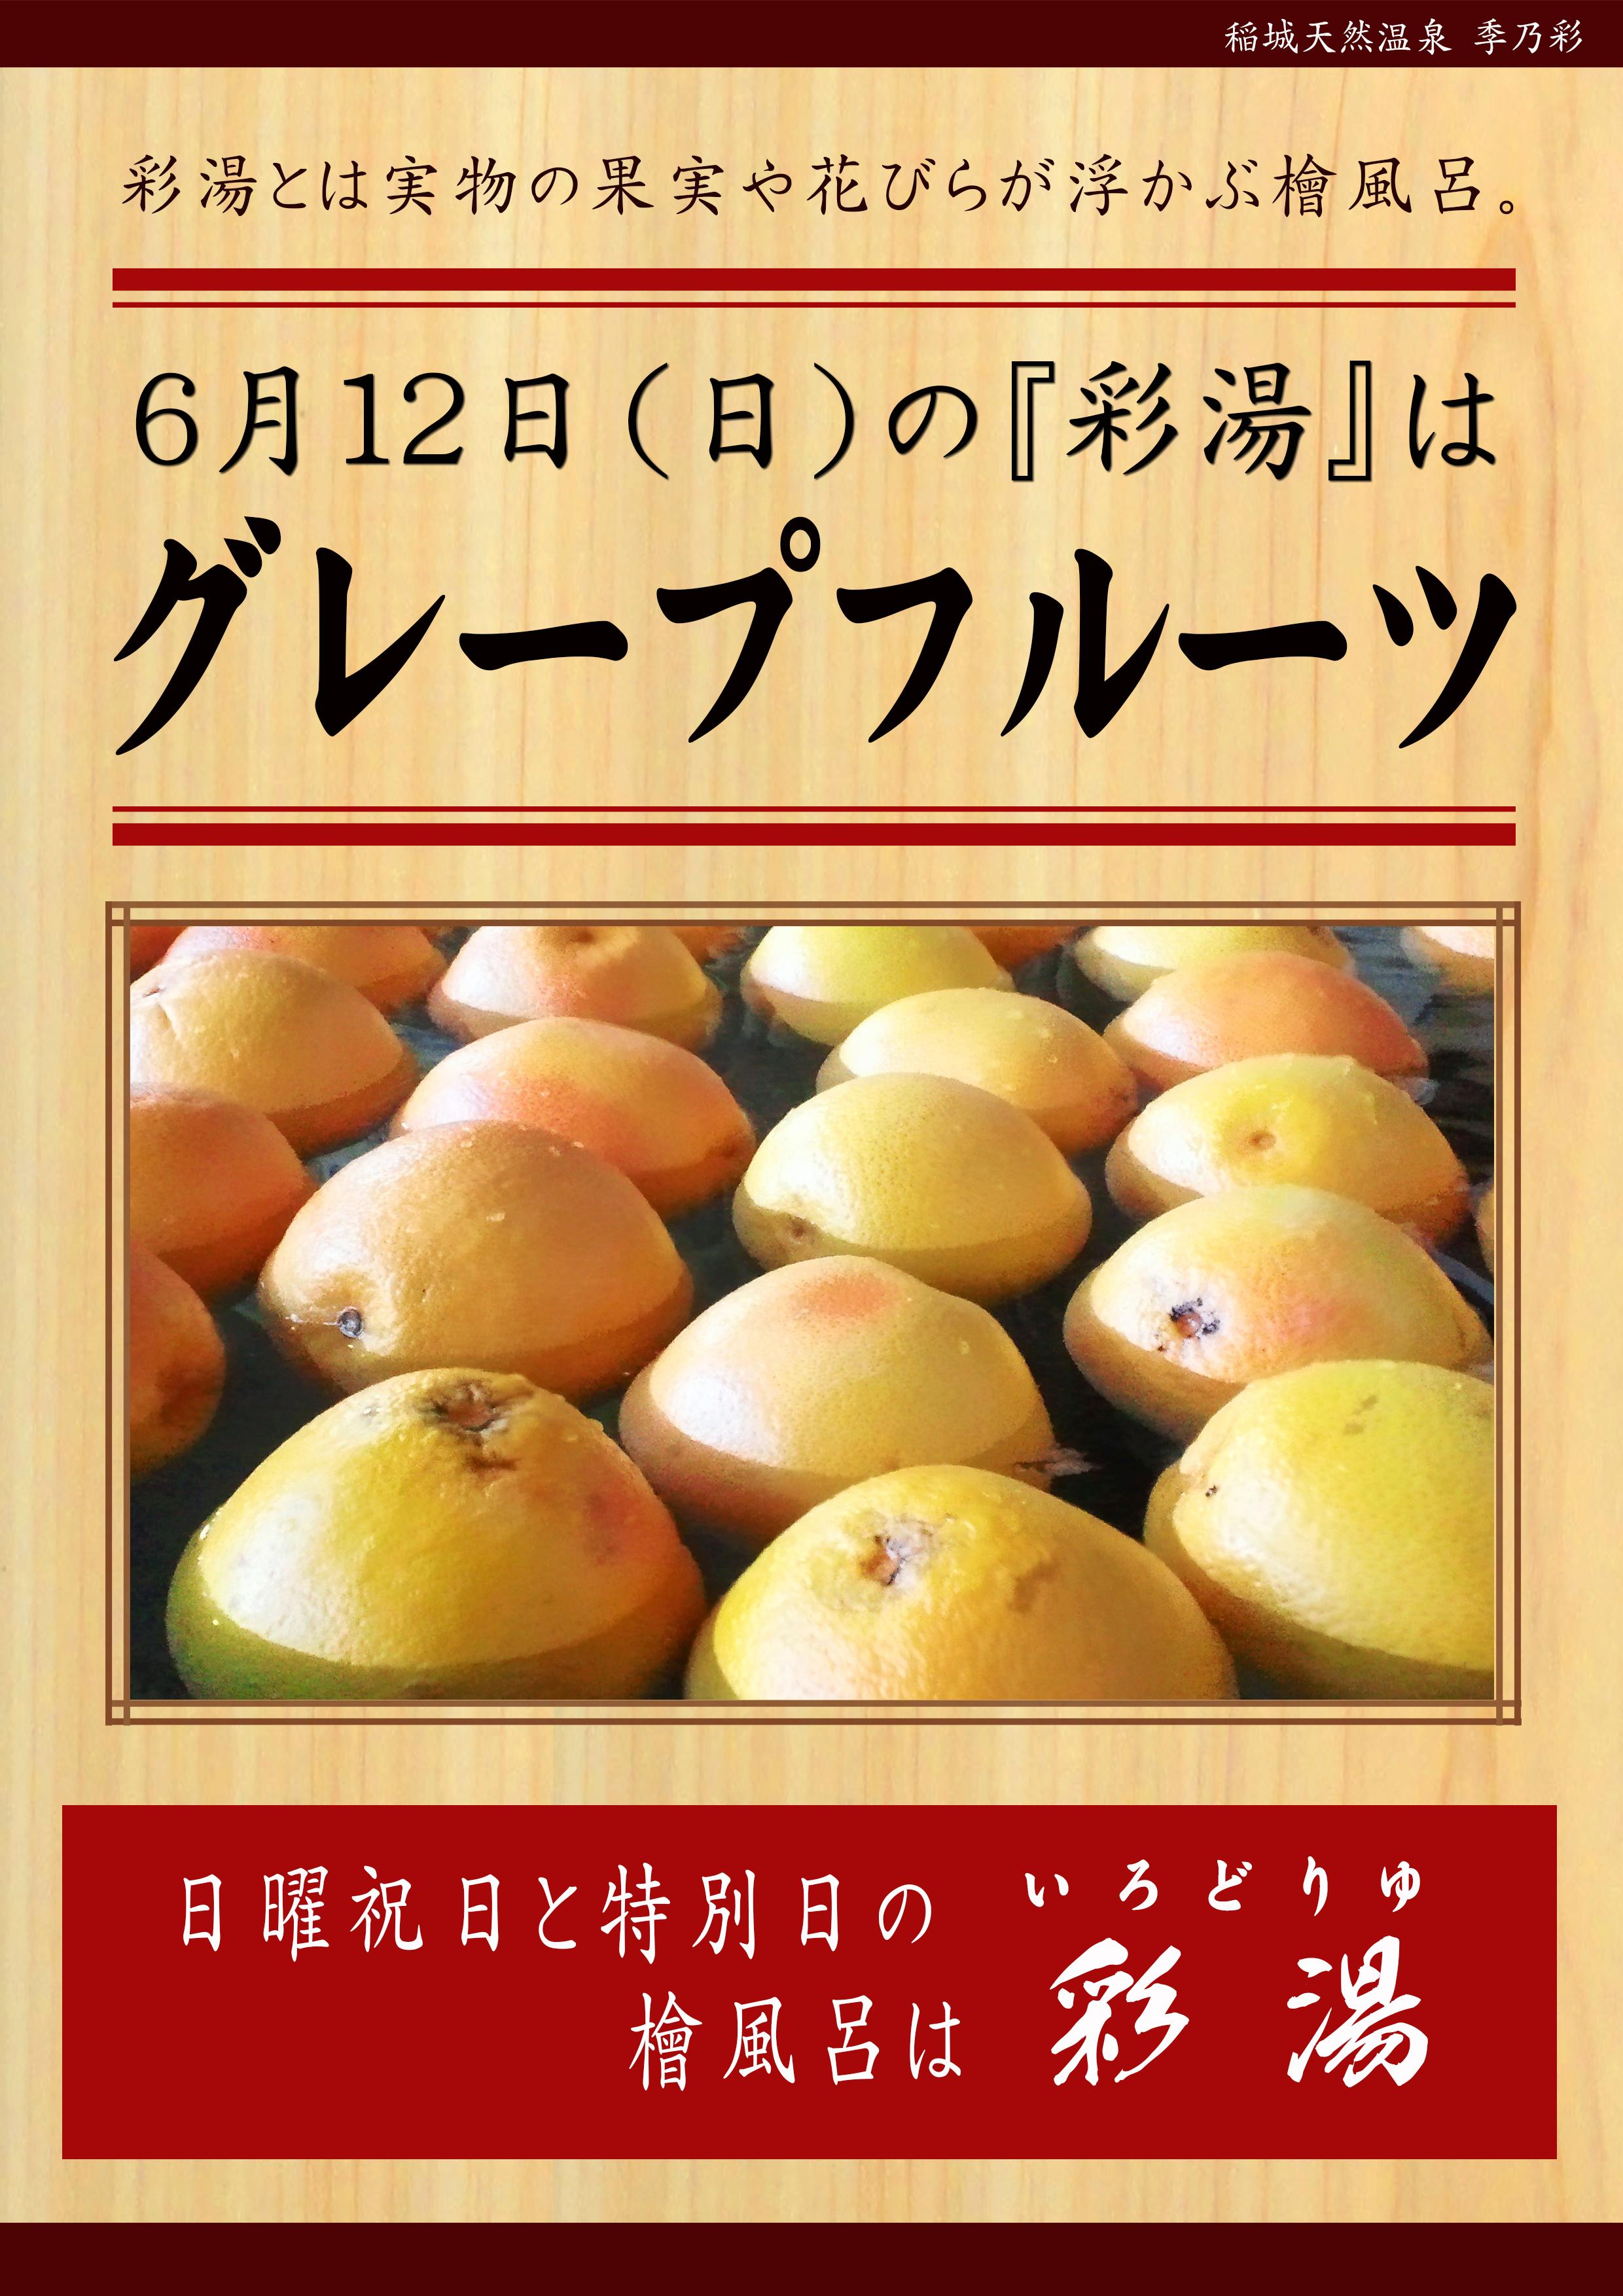 20160612 POP イベント 彩湯 グレープフルーツ